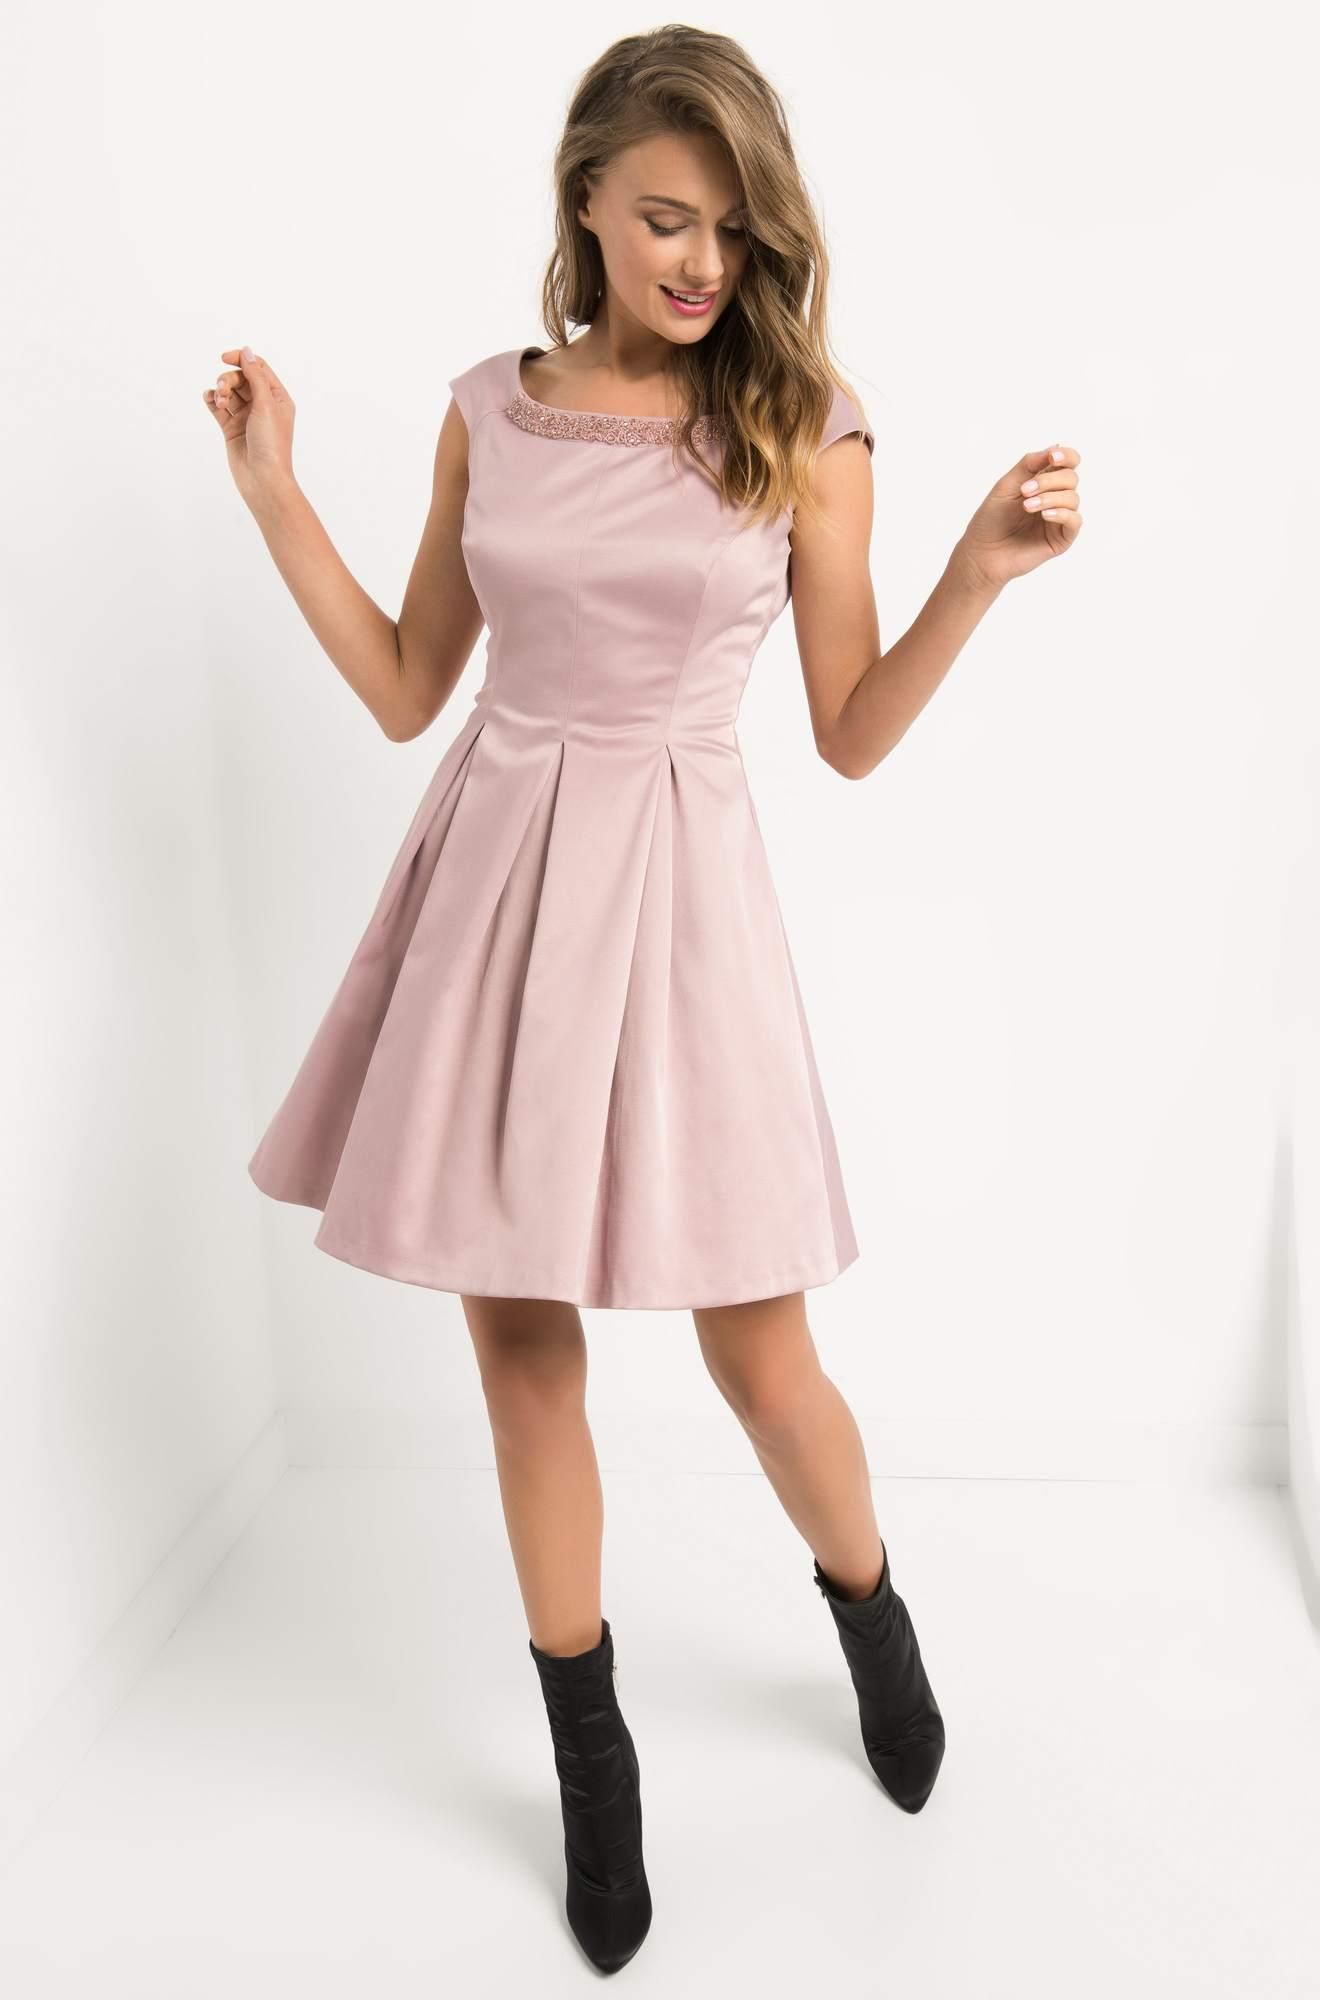 Orsay abendkleid kleider - Schöne Kleider dieser Saison